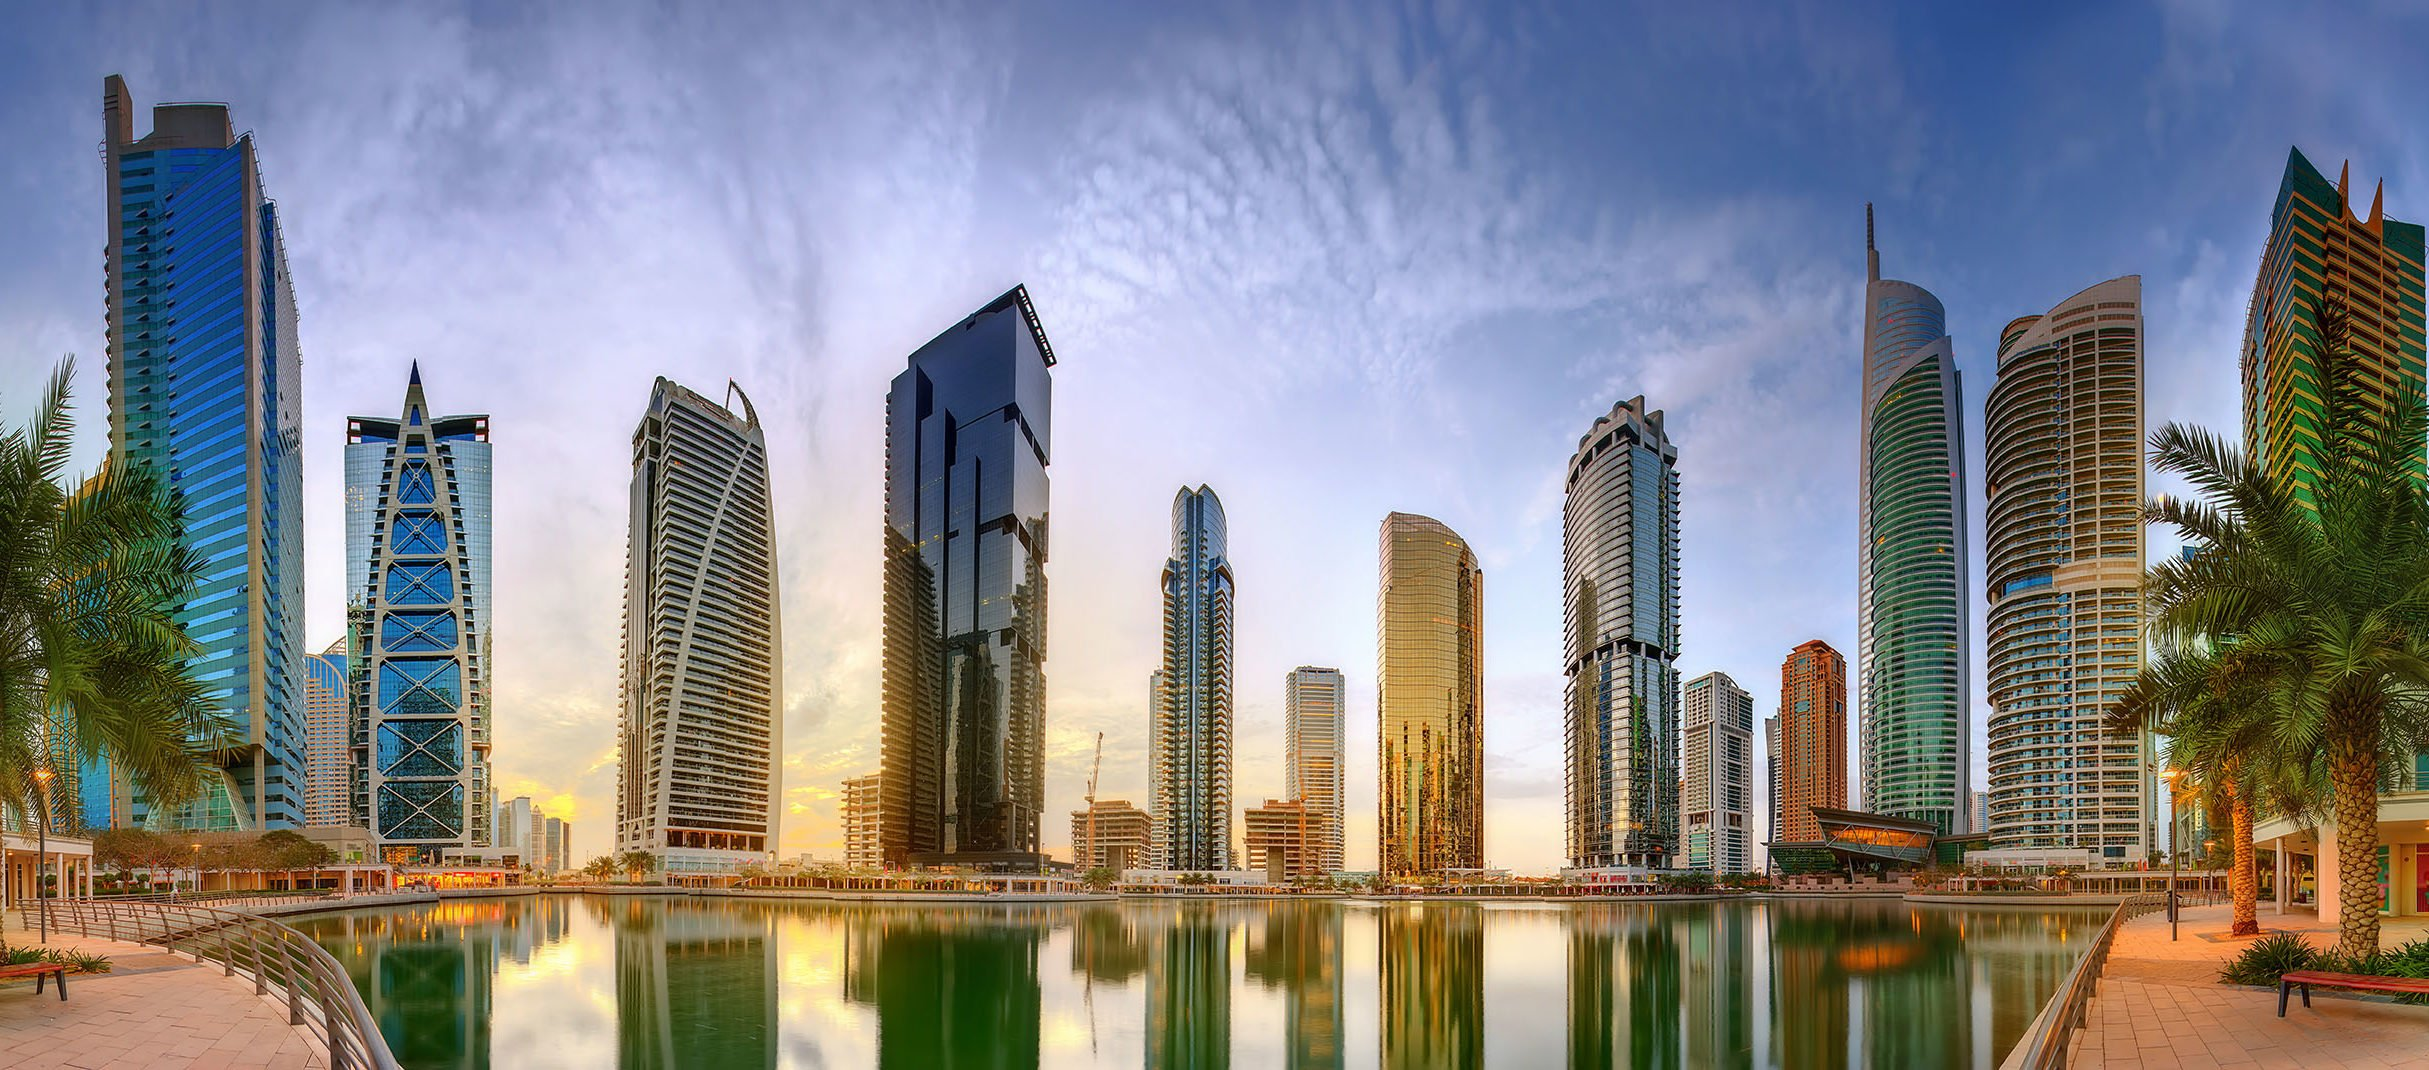 В Дубае построят завод по переработке драгоценных металлов